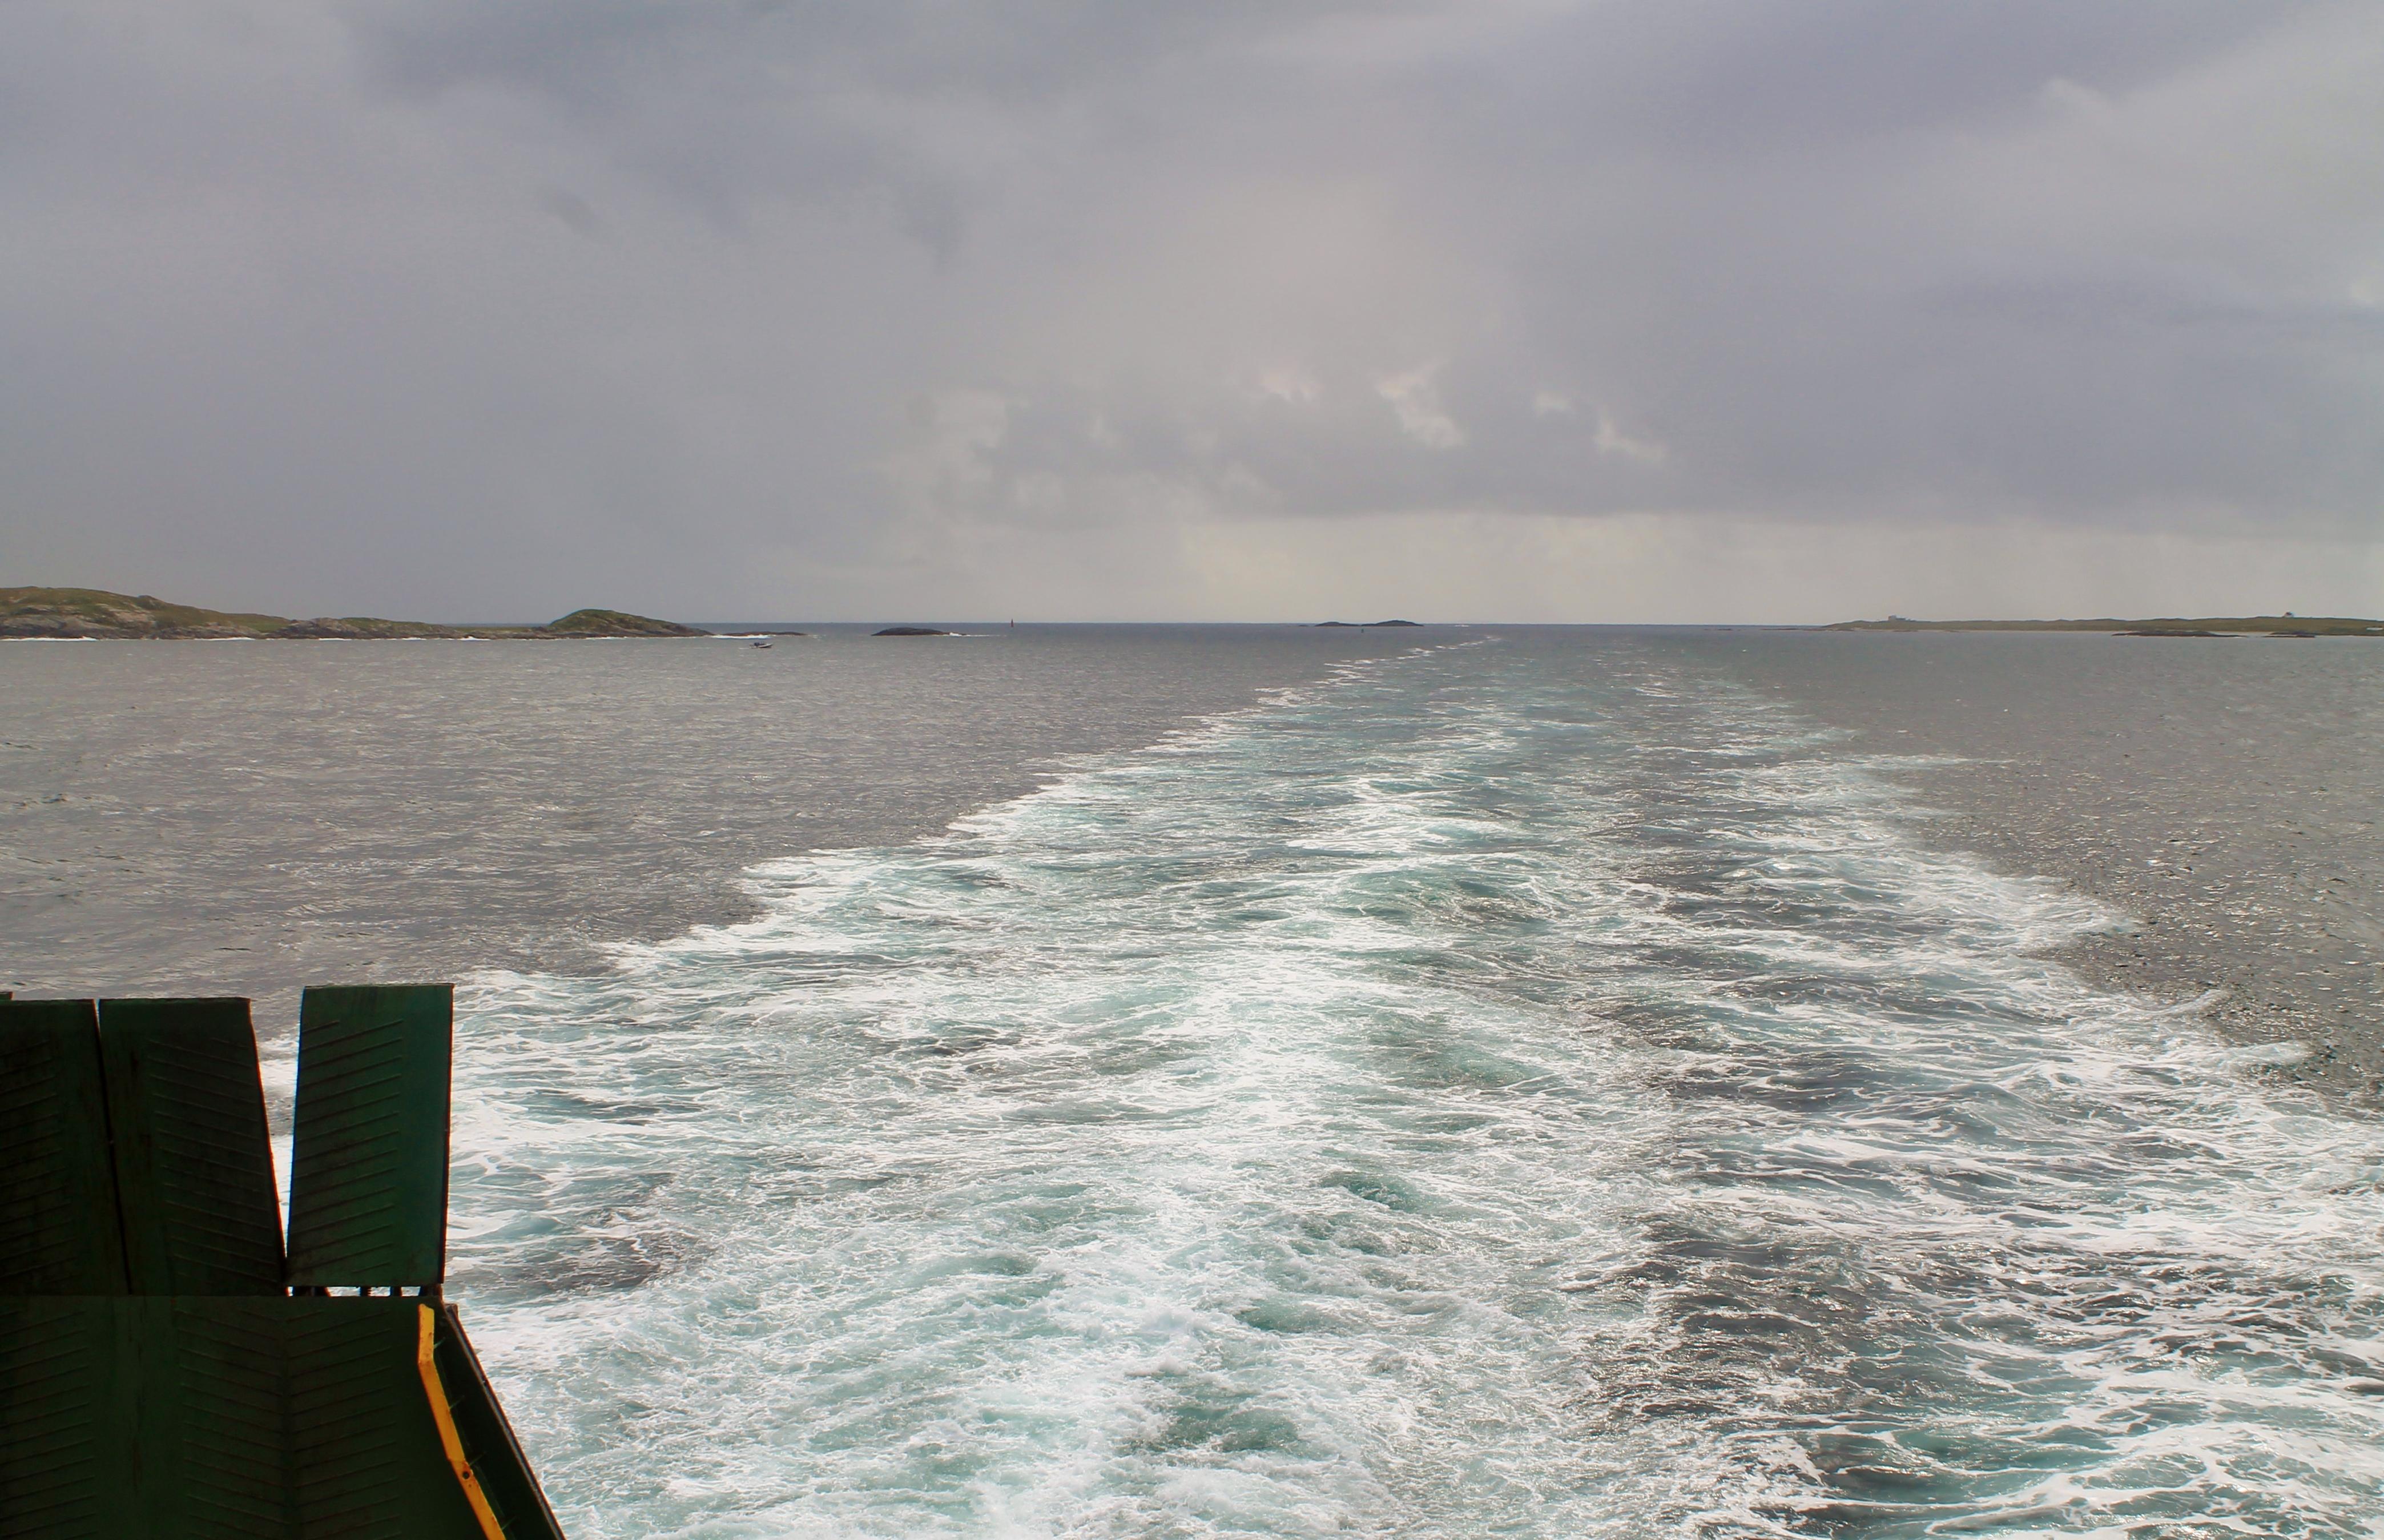 Onboard Clansman